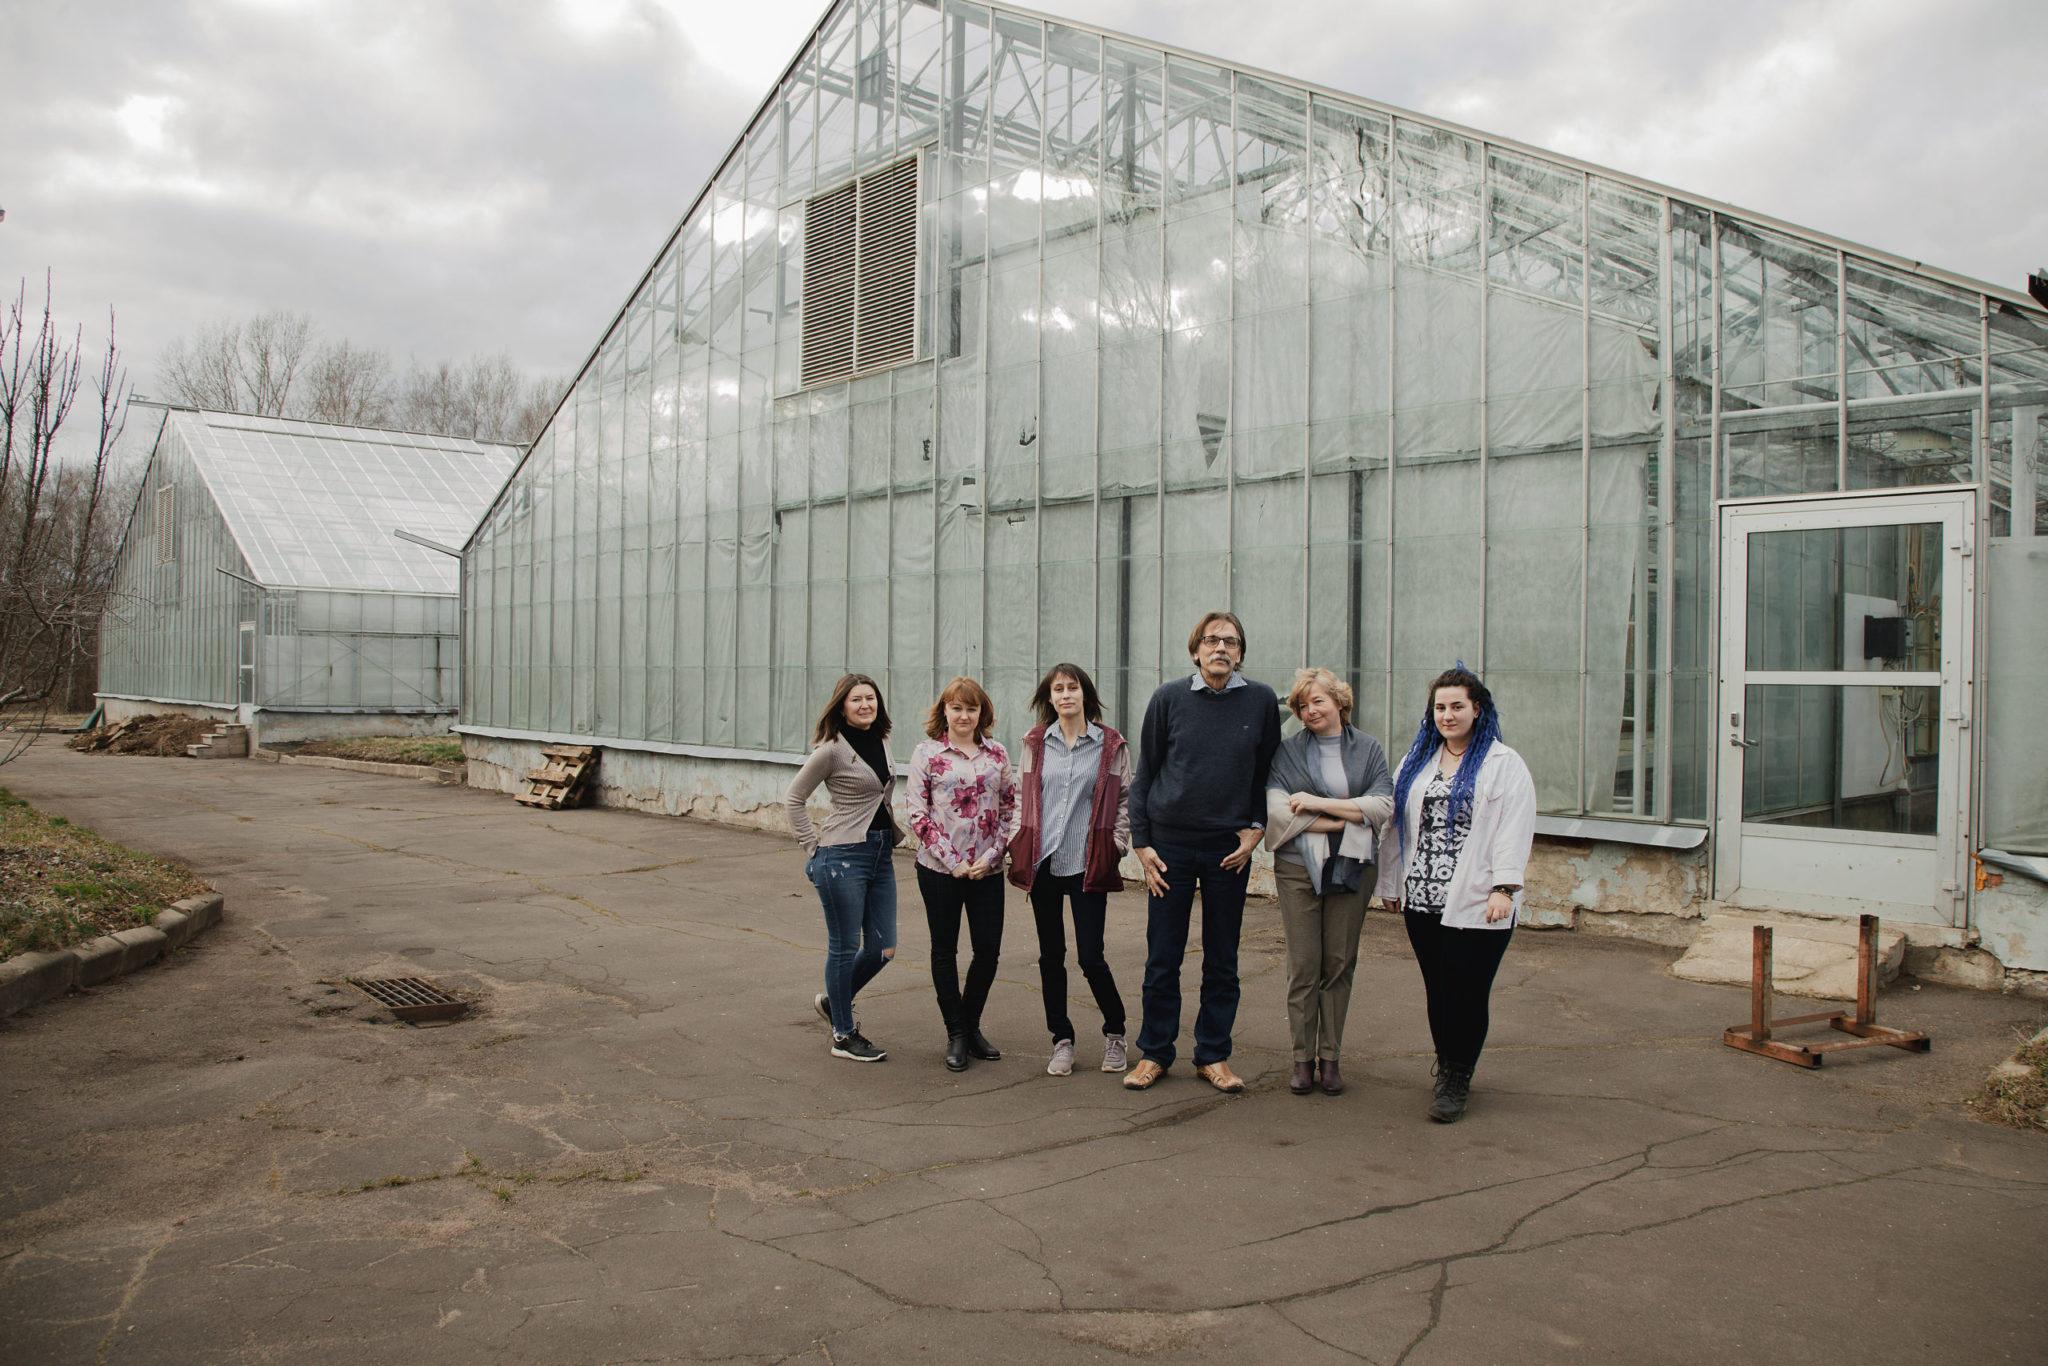 Слева направо: Лилия Фахранурова, Олеся Мельник, Татьяна Каратаева, Сергей Долгов, Татьяна Митюшкина, Арина Дюф